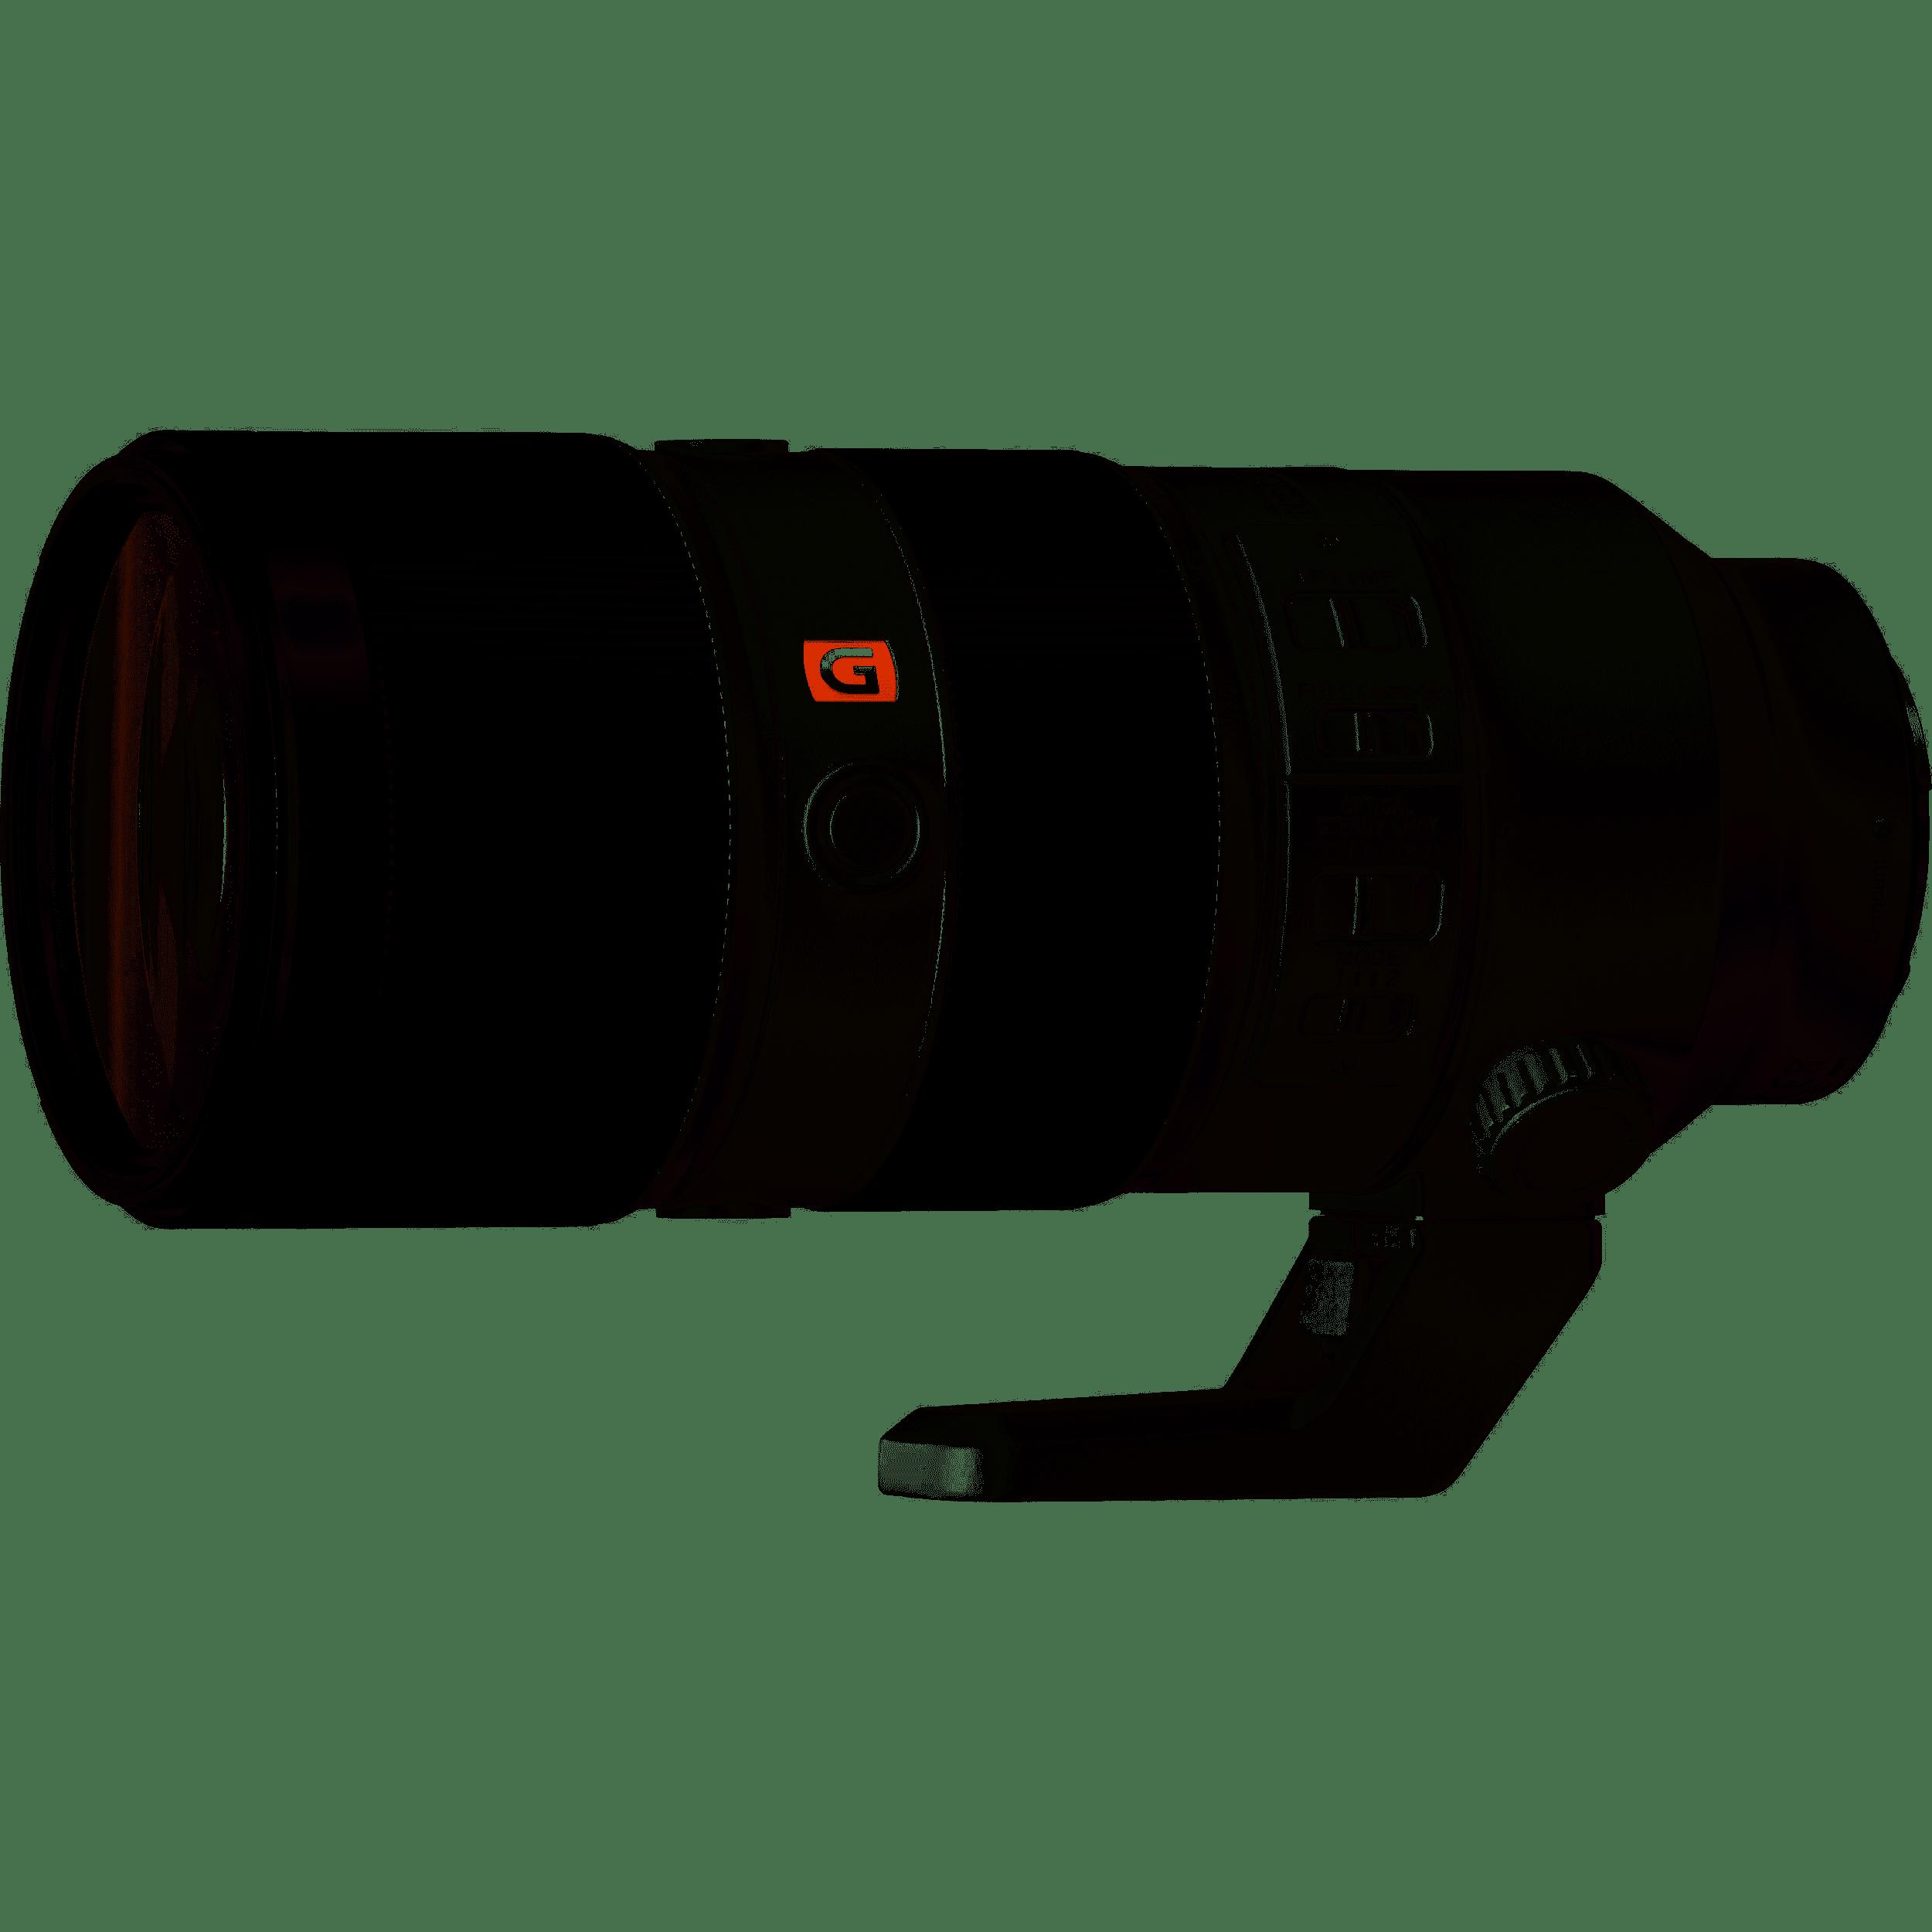 Sony   FE 70-200mm f/2.8 GM OSS   KIT  